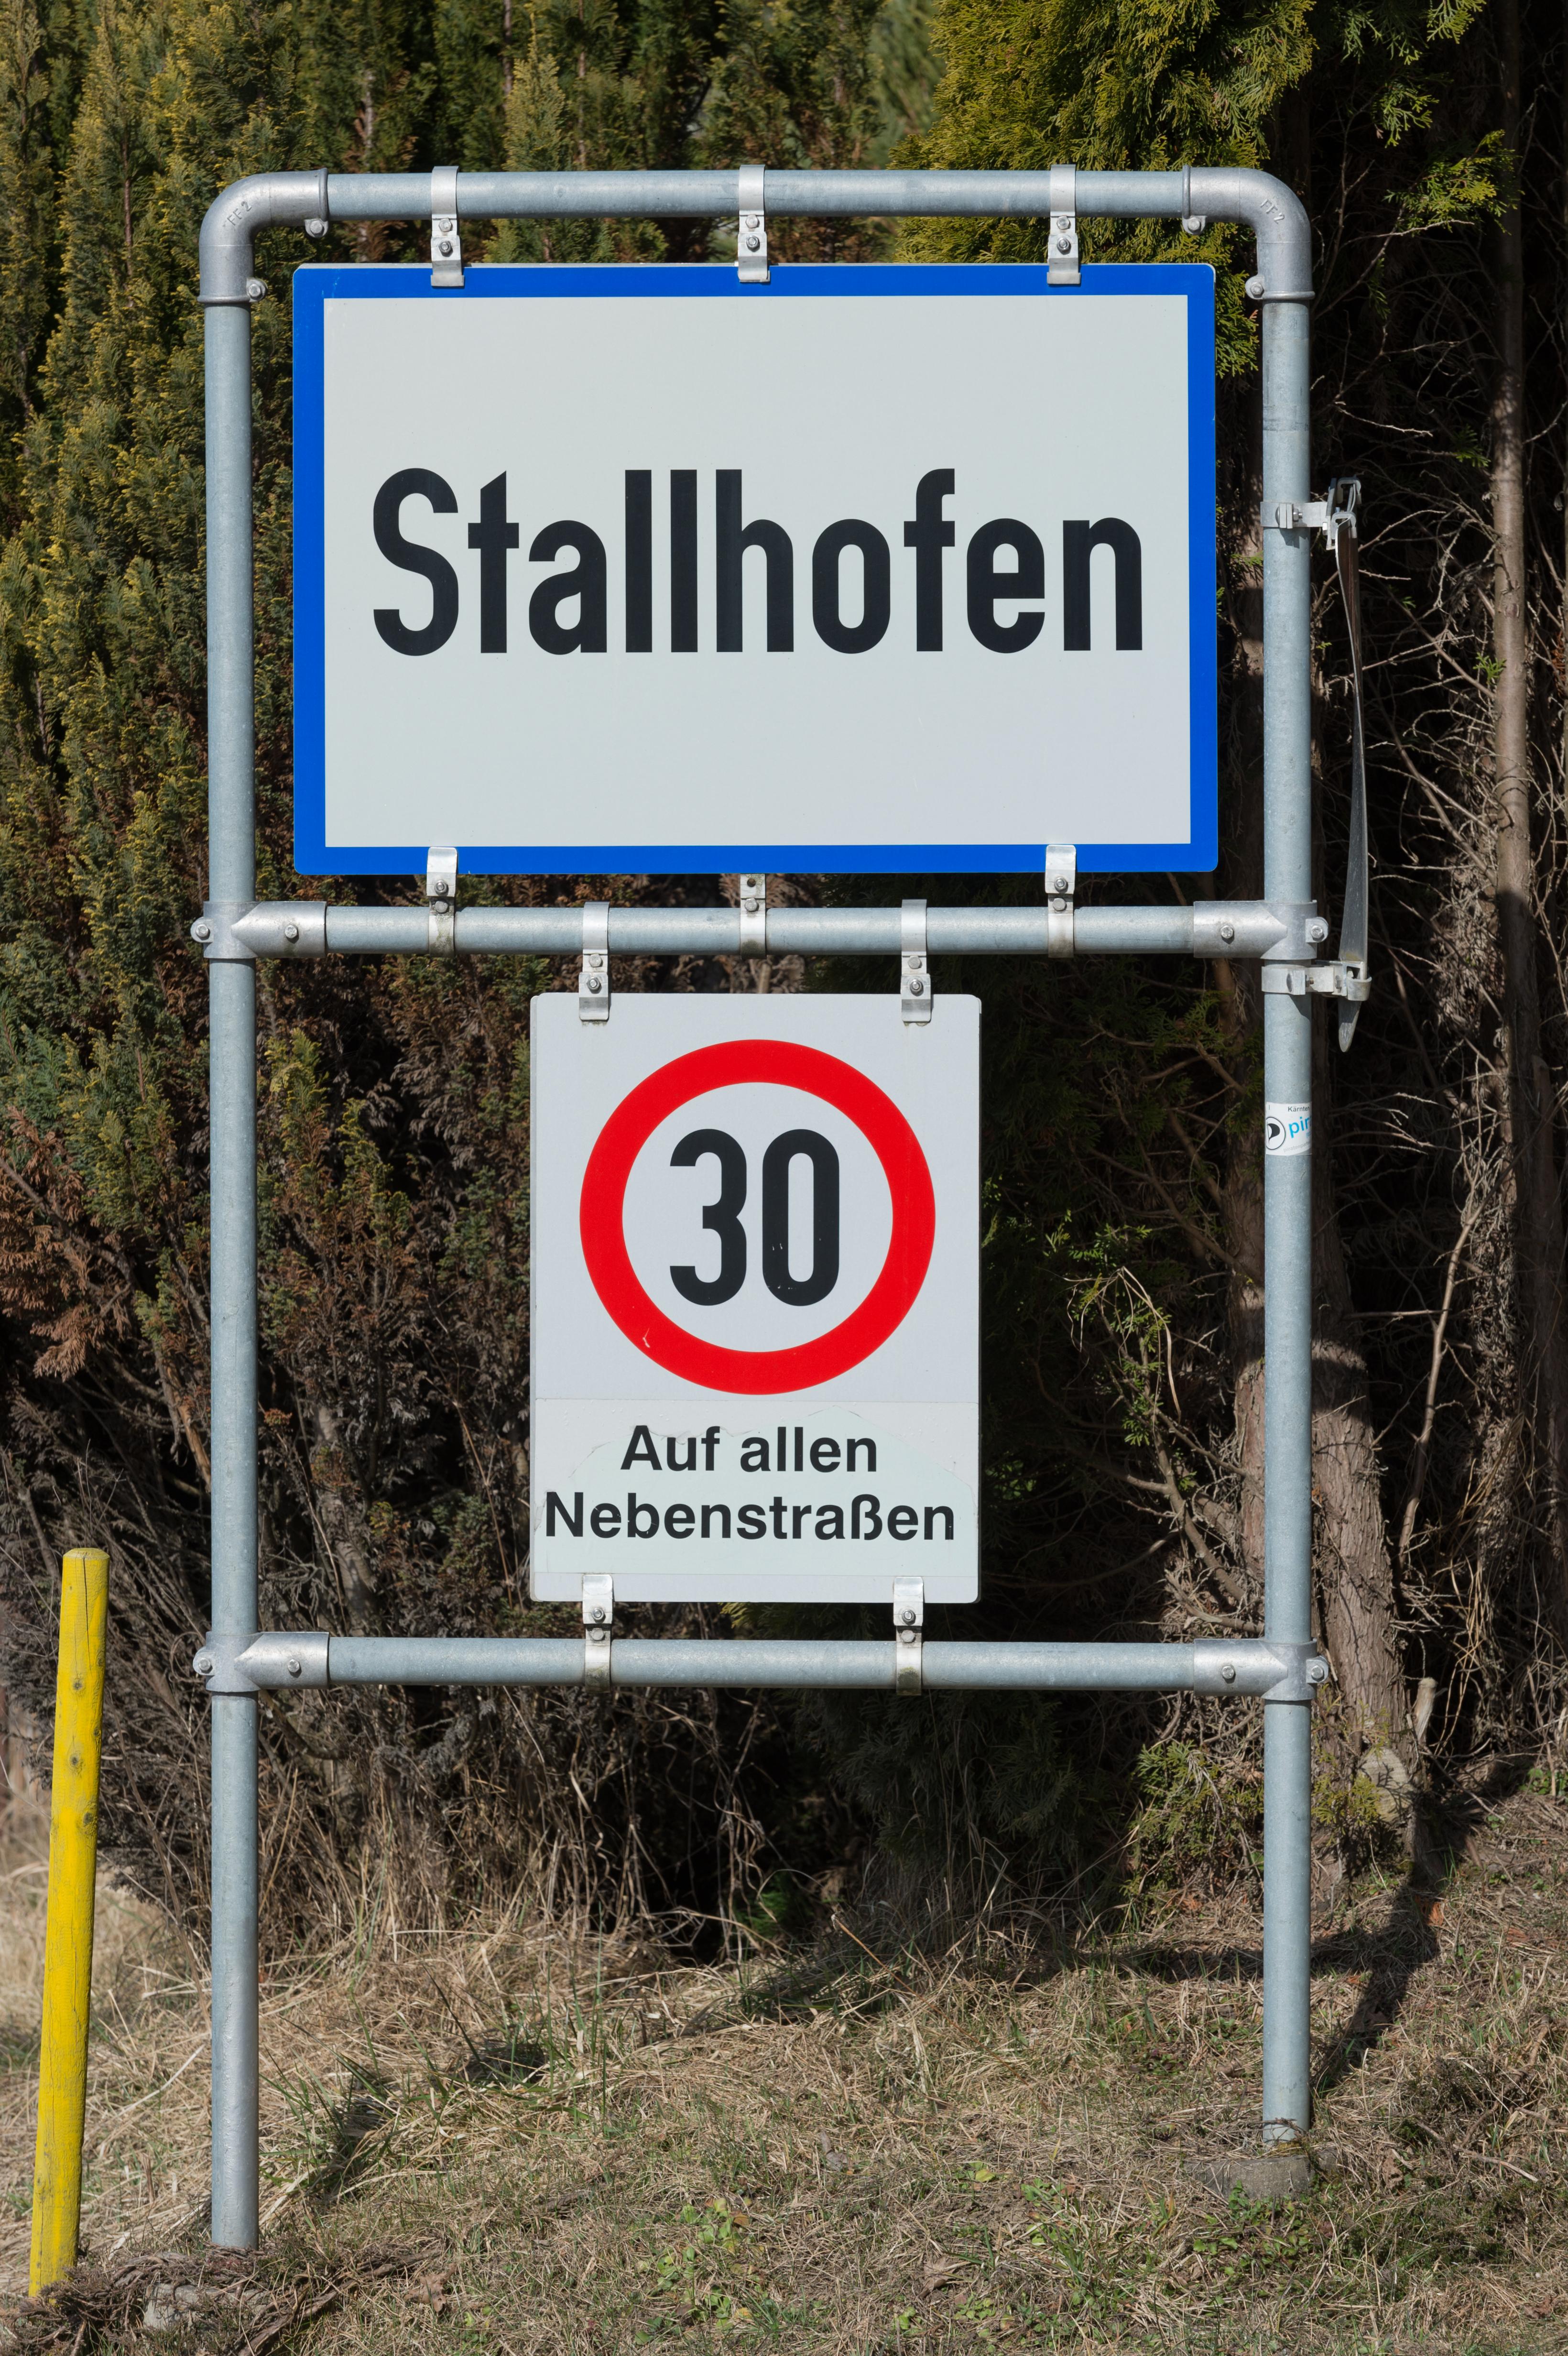 Stallhofen | Graz-Seckau, rk. Dizese (Steiermark) | sterreich